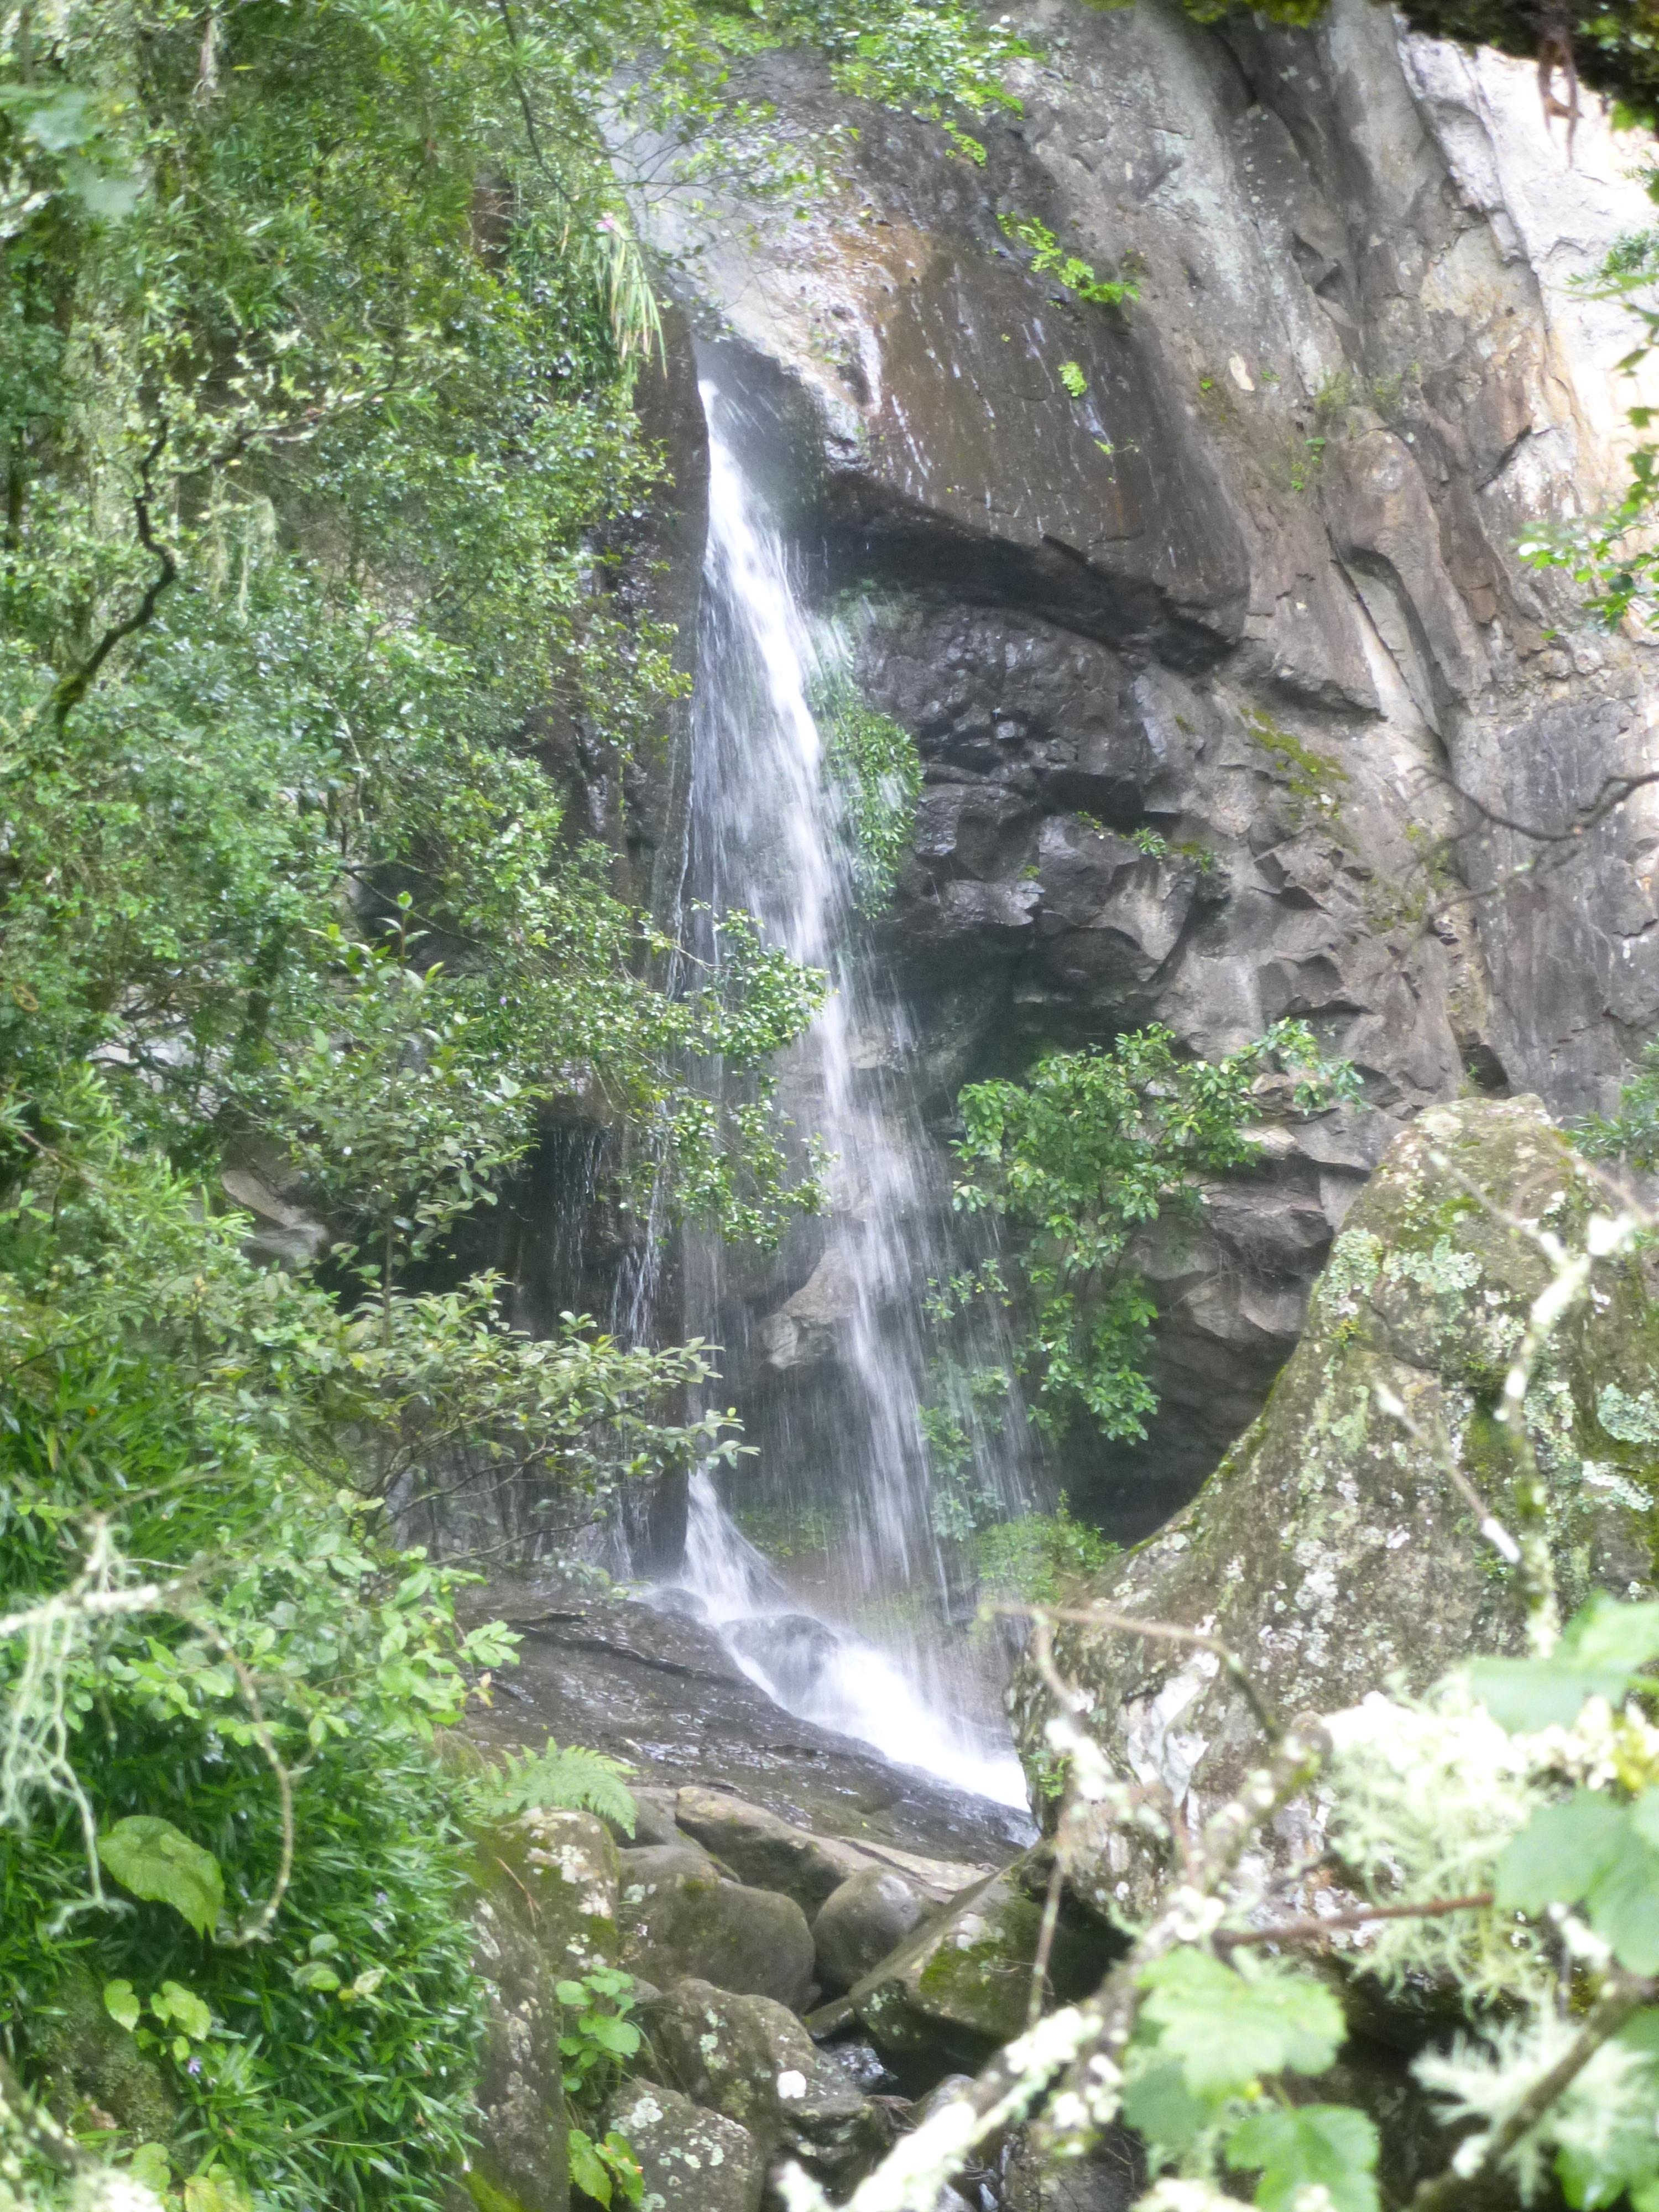 Drakensberg monk s cowl hiking trail myoutdoorsite for Crystal falls